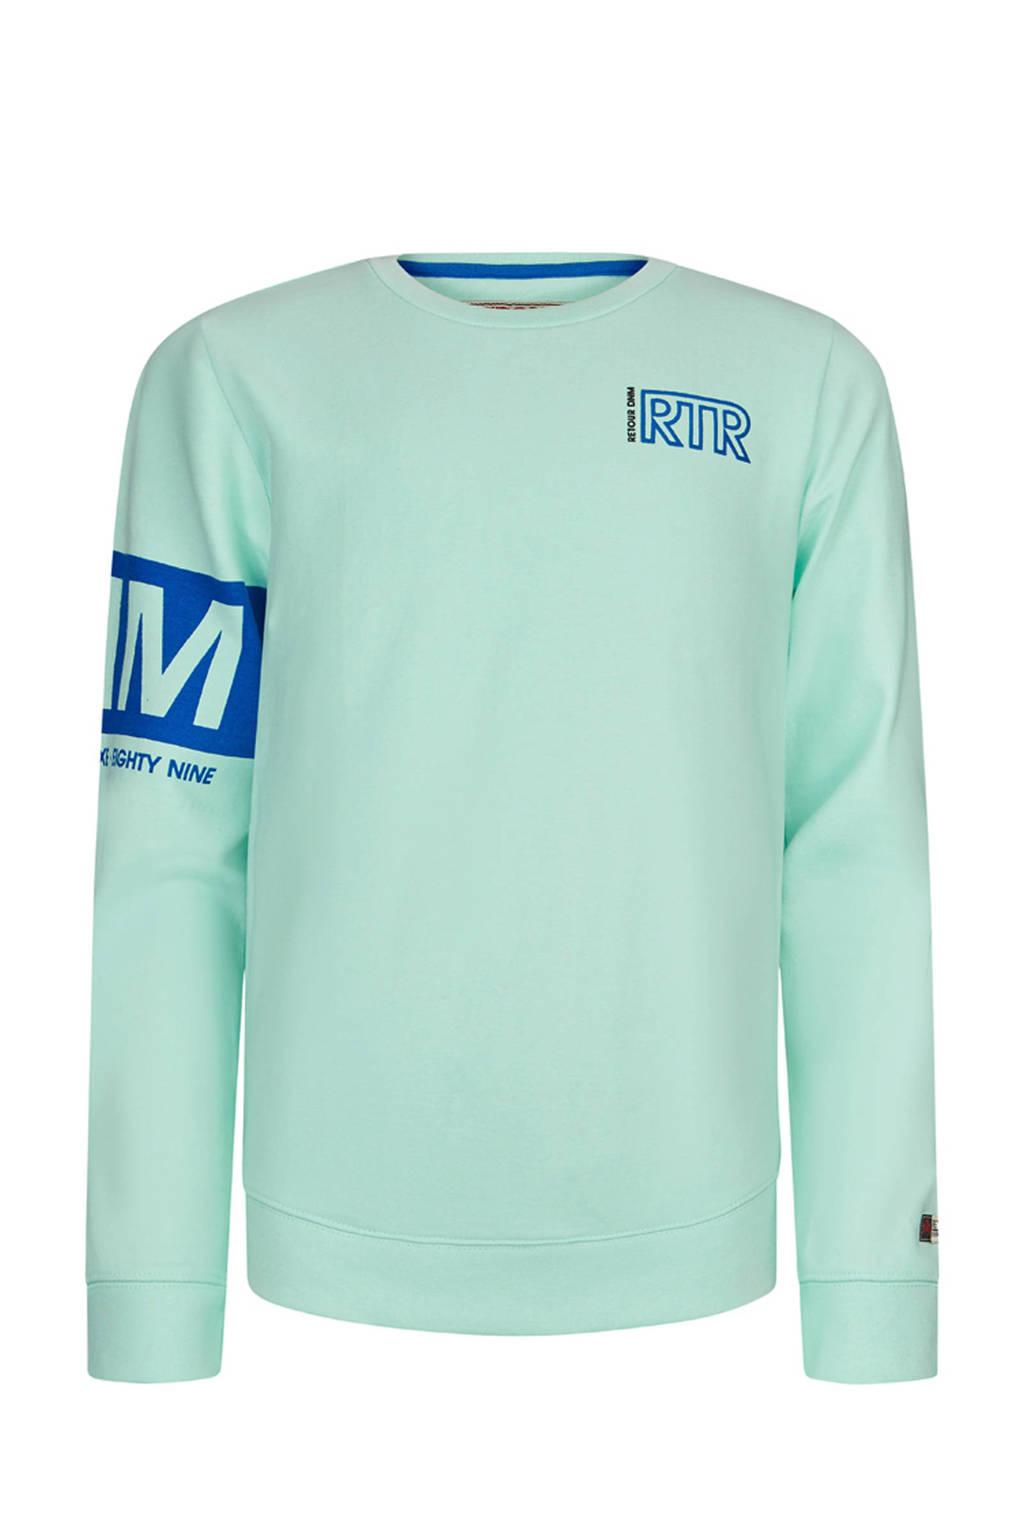 Retour Denim sweater Sammy met printopdruk mintgroen/blauw, Mintgroen/blauw